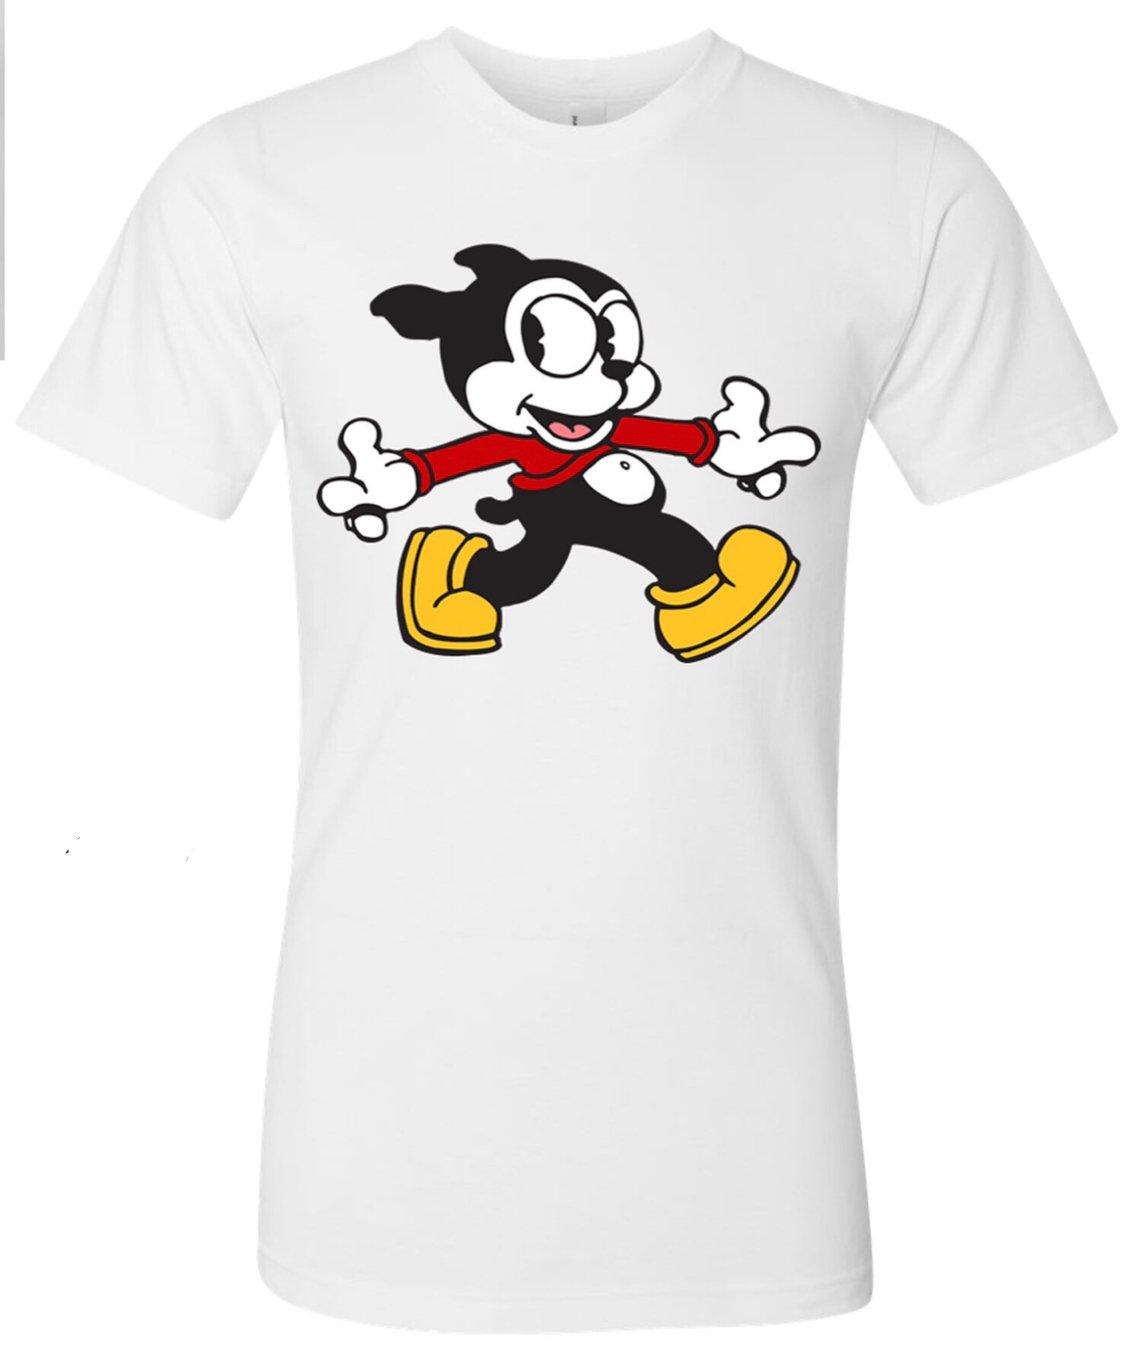 Image of Betty Boop - Bimbo The Dog T Shirt